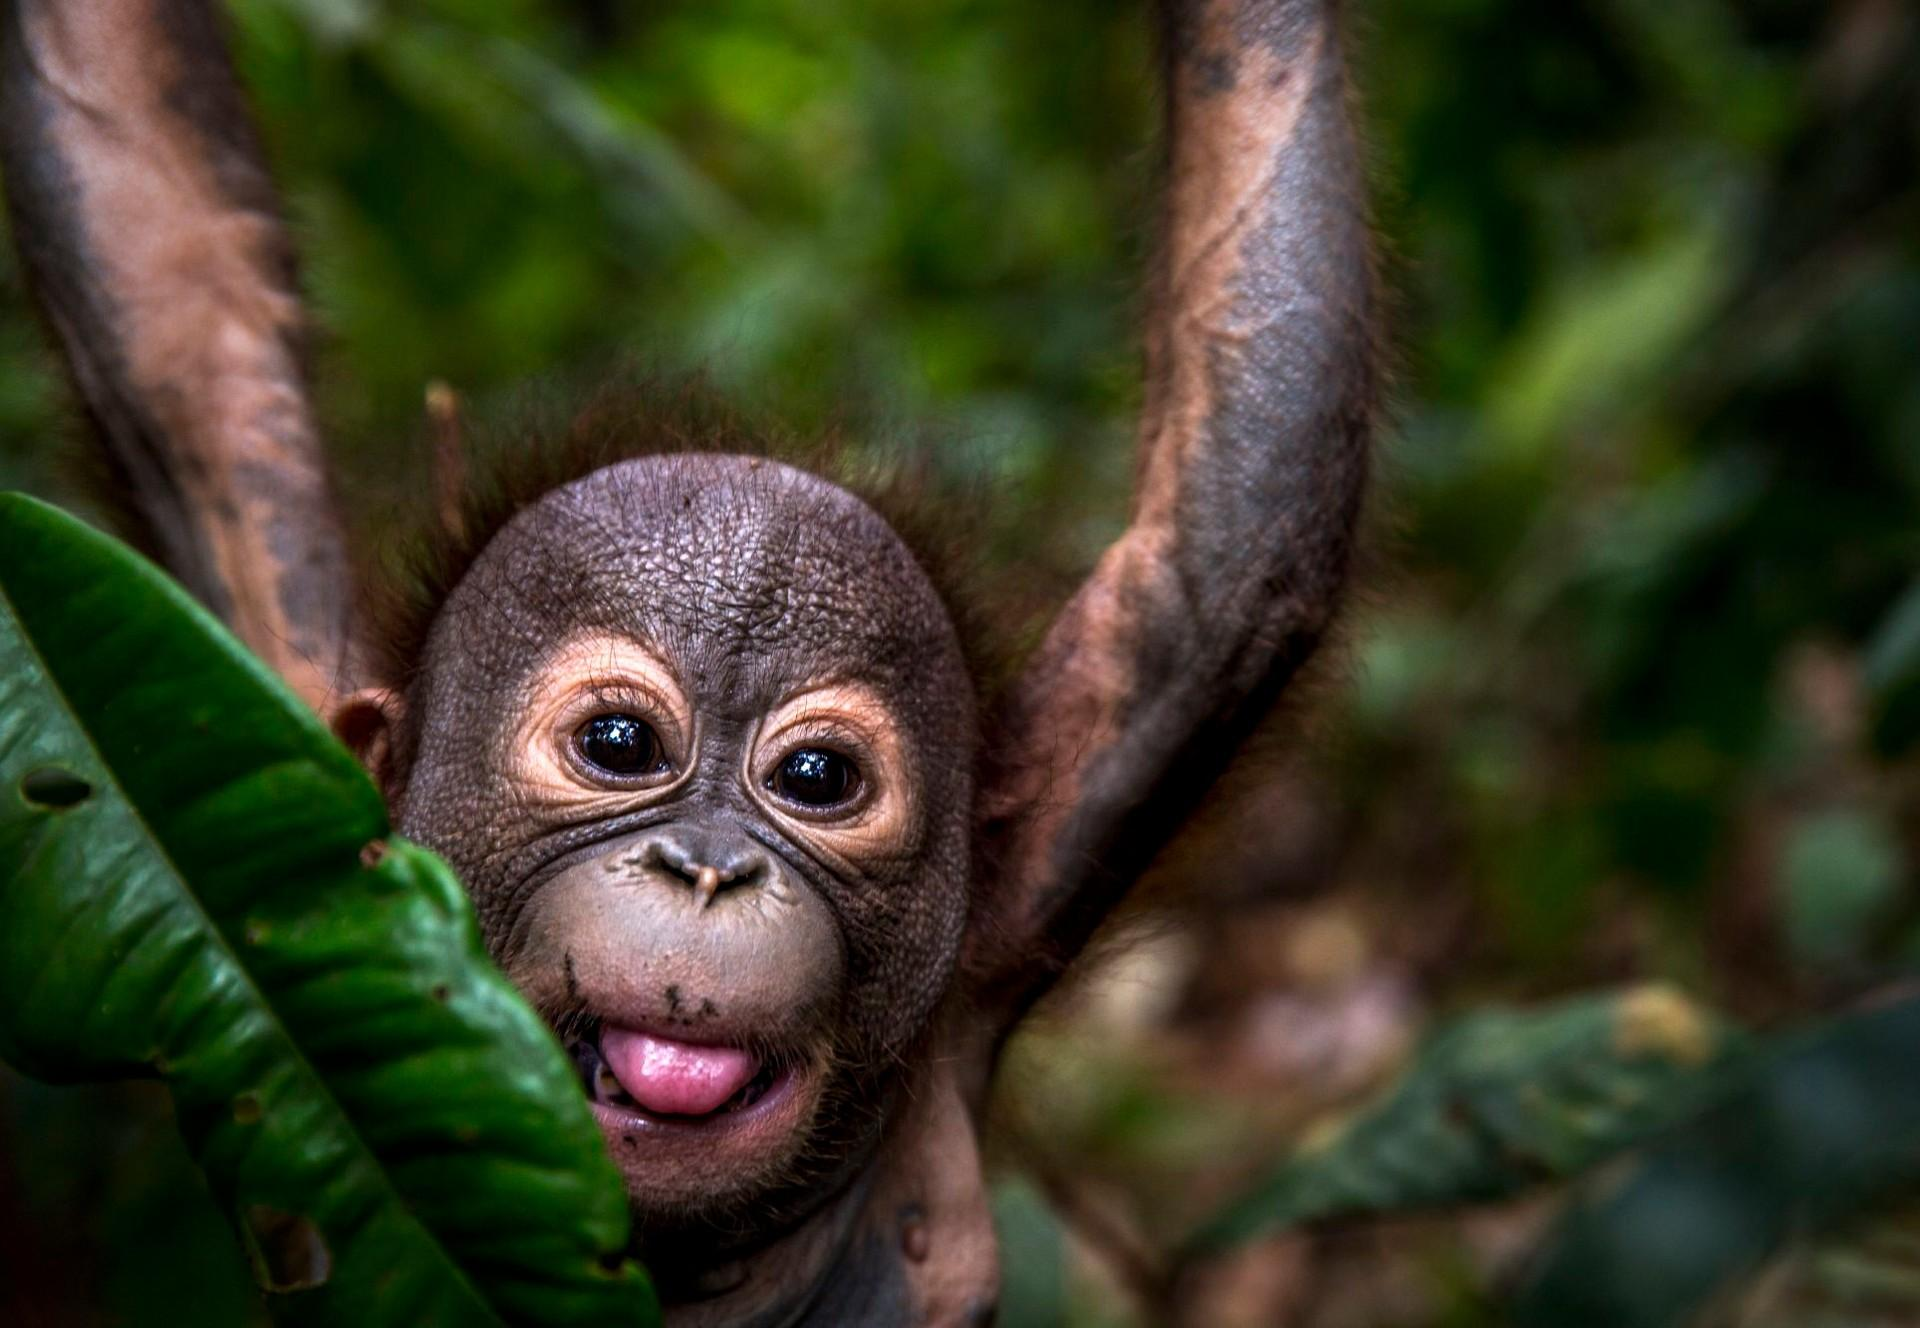 Gerhana à l'ÉCOLE DE LA FORÊT pour orangs-outans de QUATRE PATTES à Bornéo